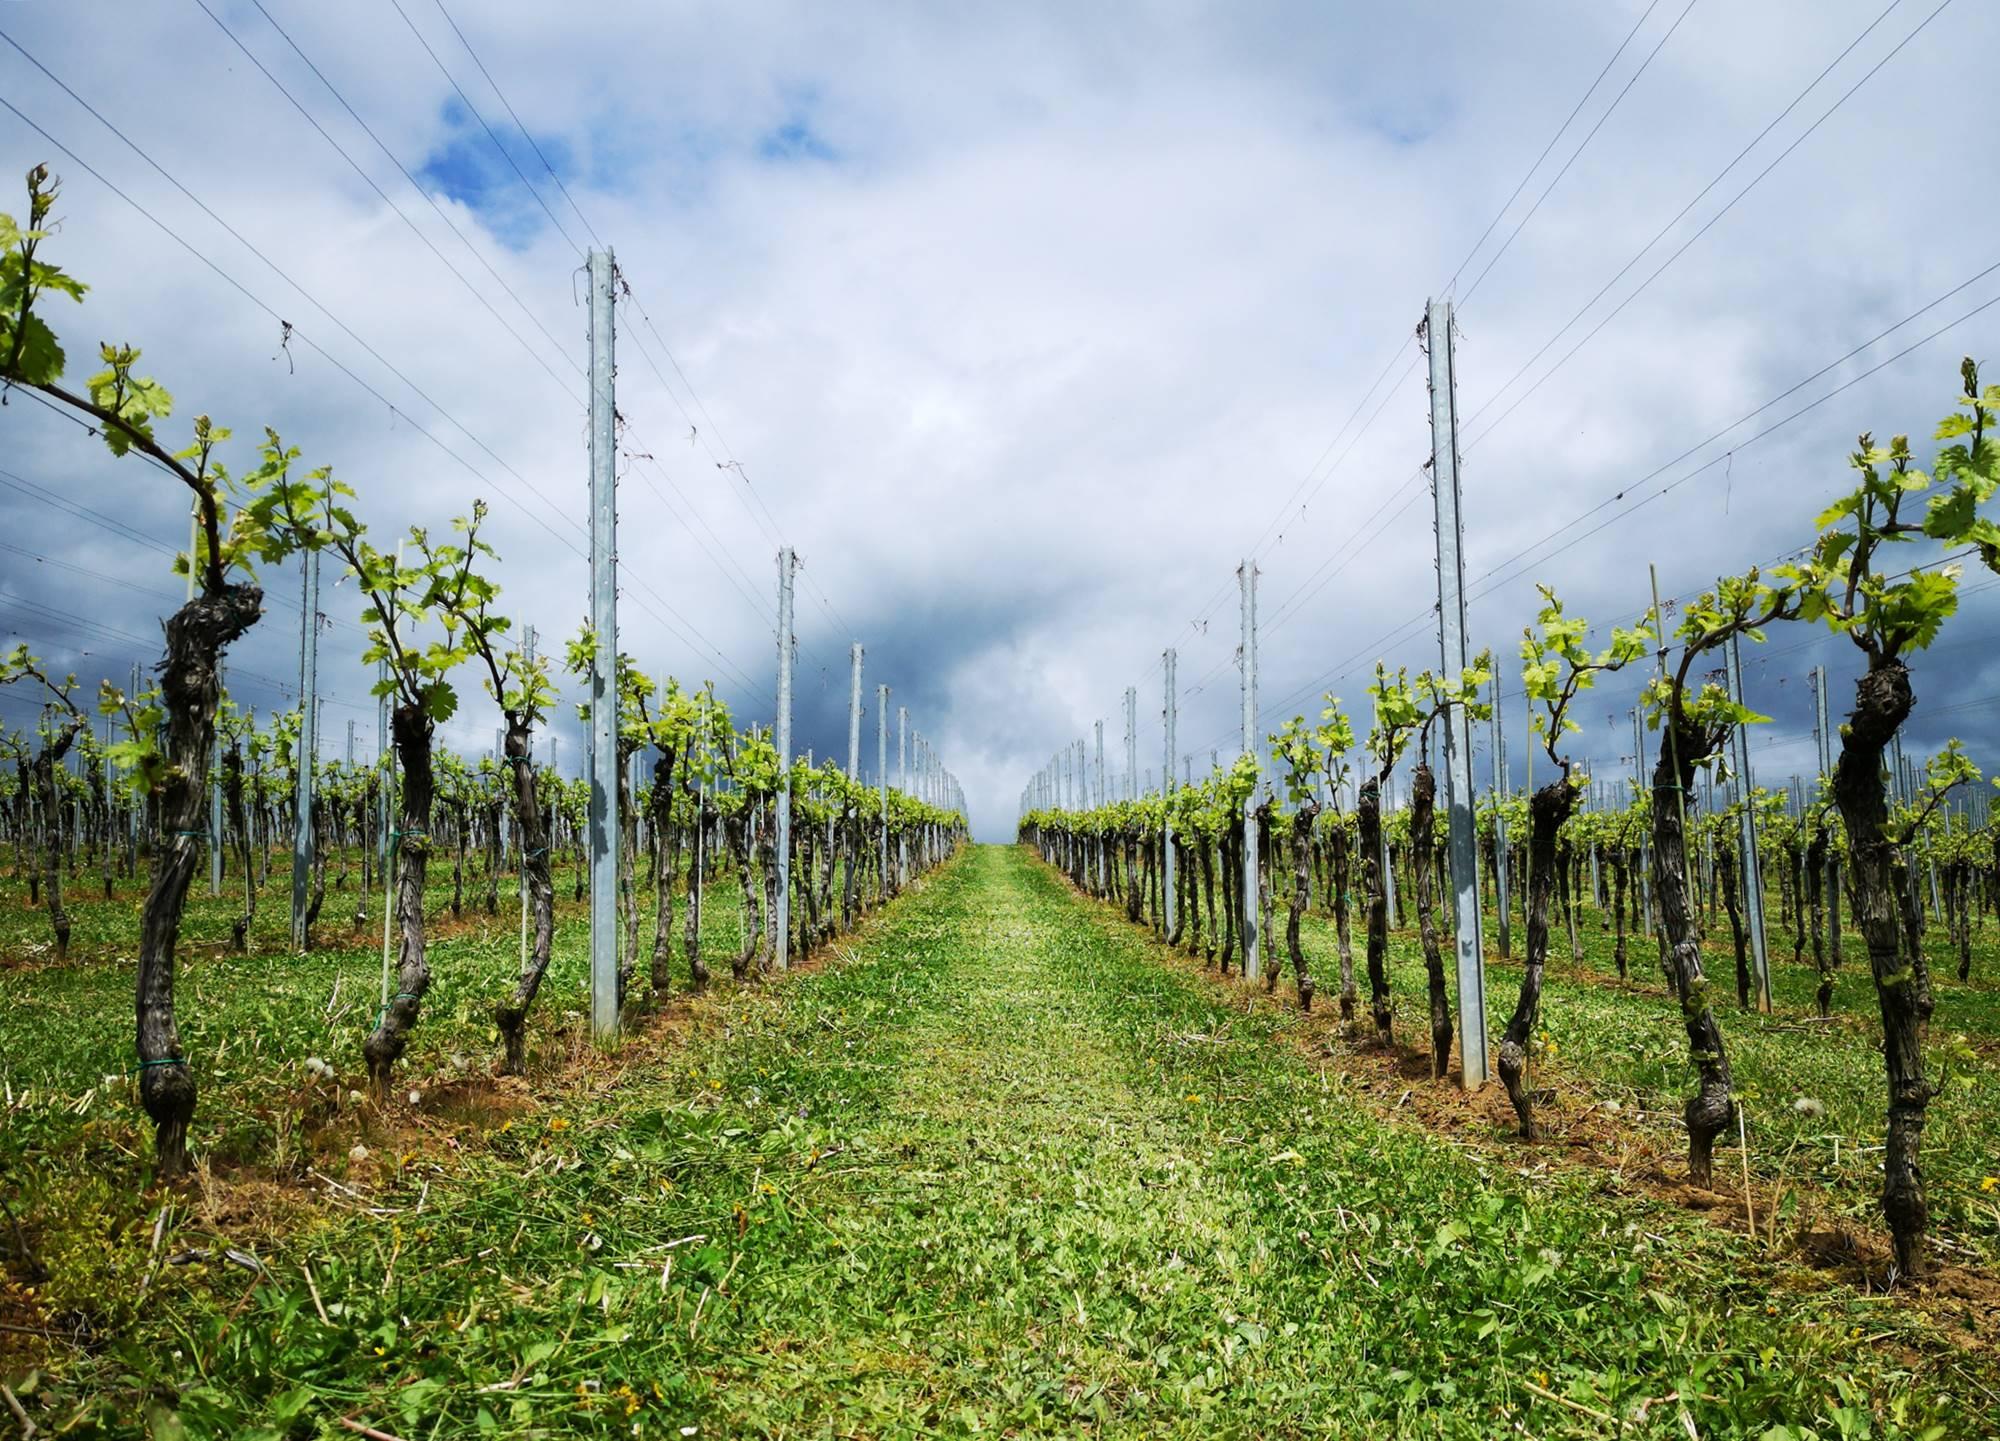 Nova vinska smer v osrčju Dolenjske